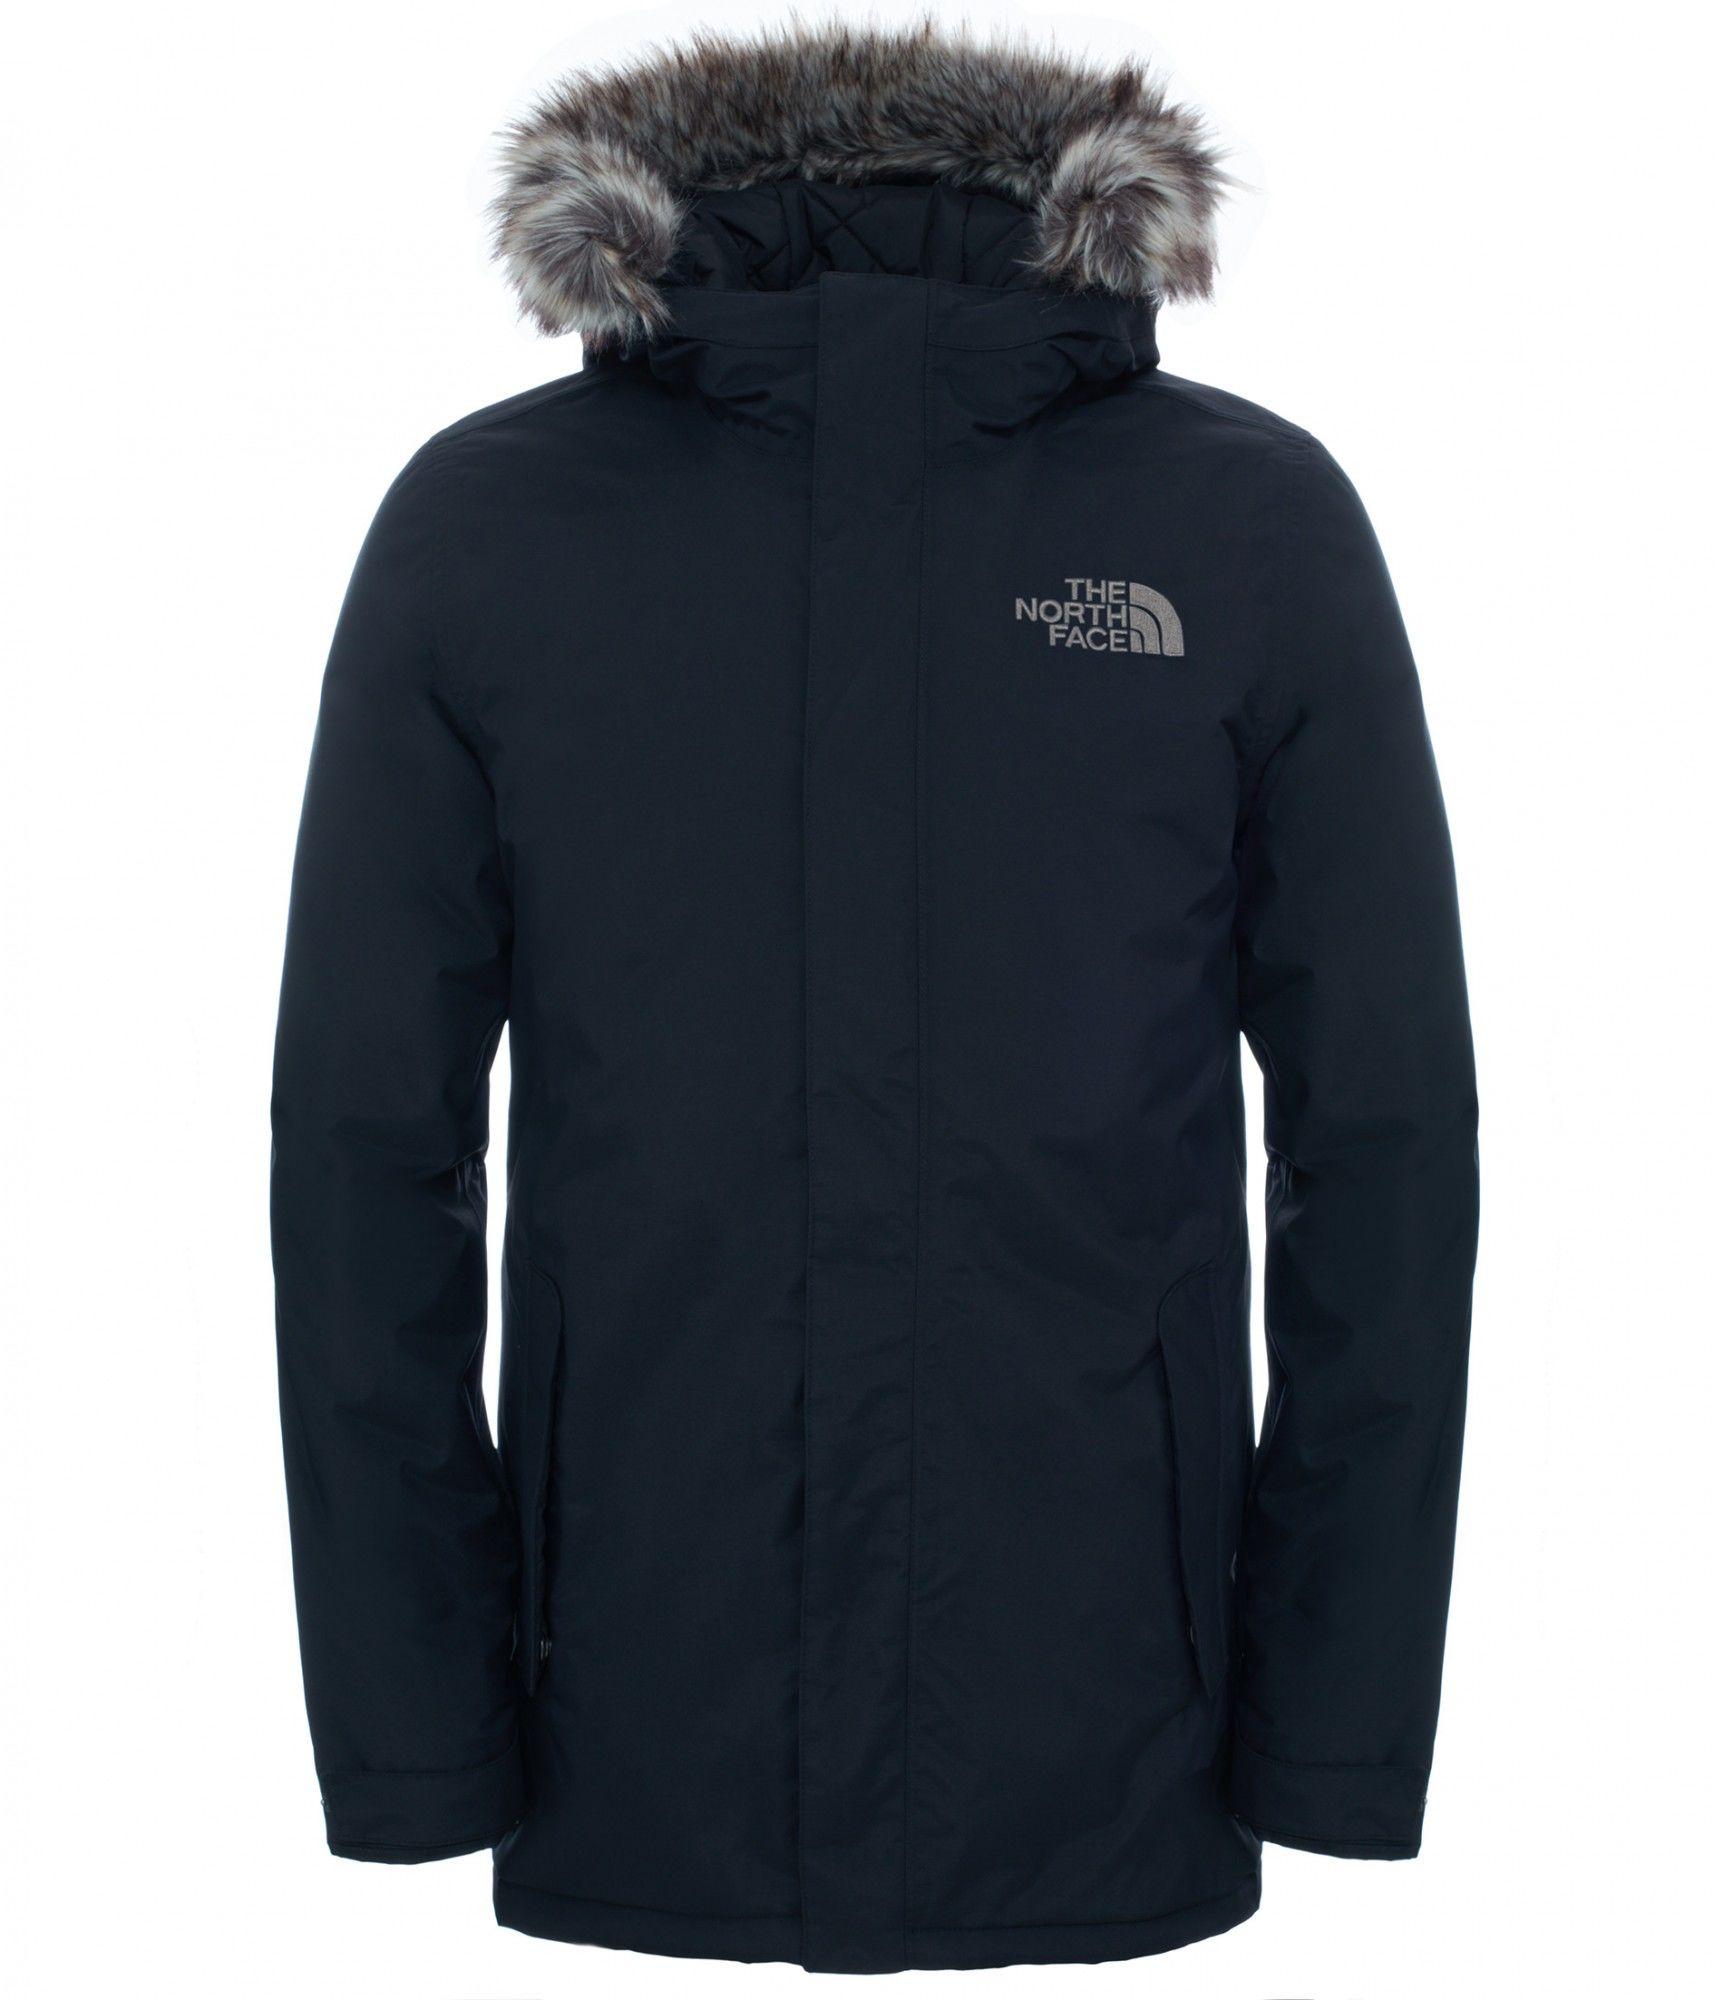 The North Face M Zaneck Jacket   Größe S,L,XL   Herren Freizeitjacke